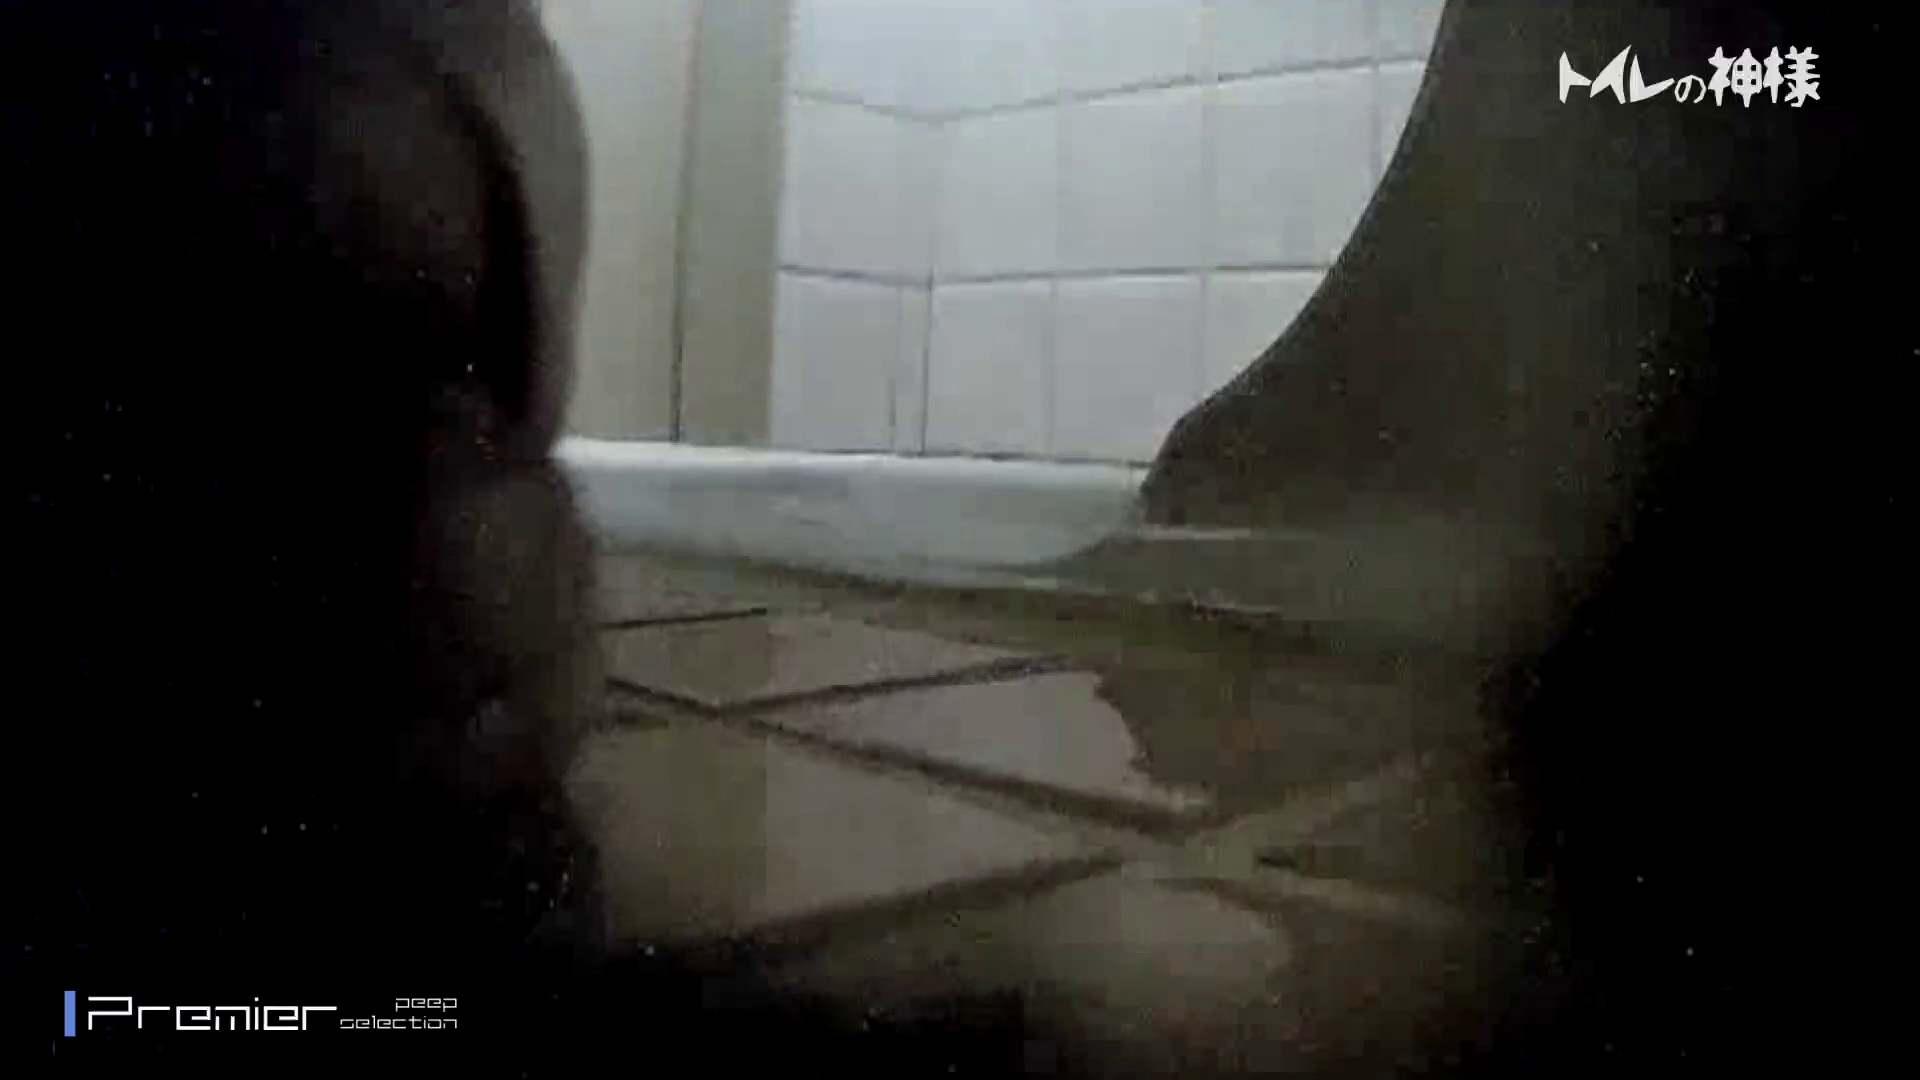 kyouko排泄 うんこをたくさん集めました。トイレの神様 Vol.14 細身体型 | うんこ  92枚 41